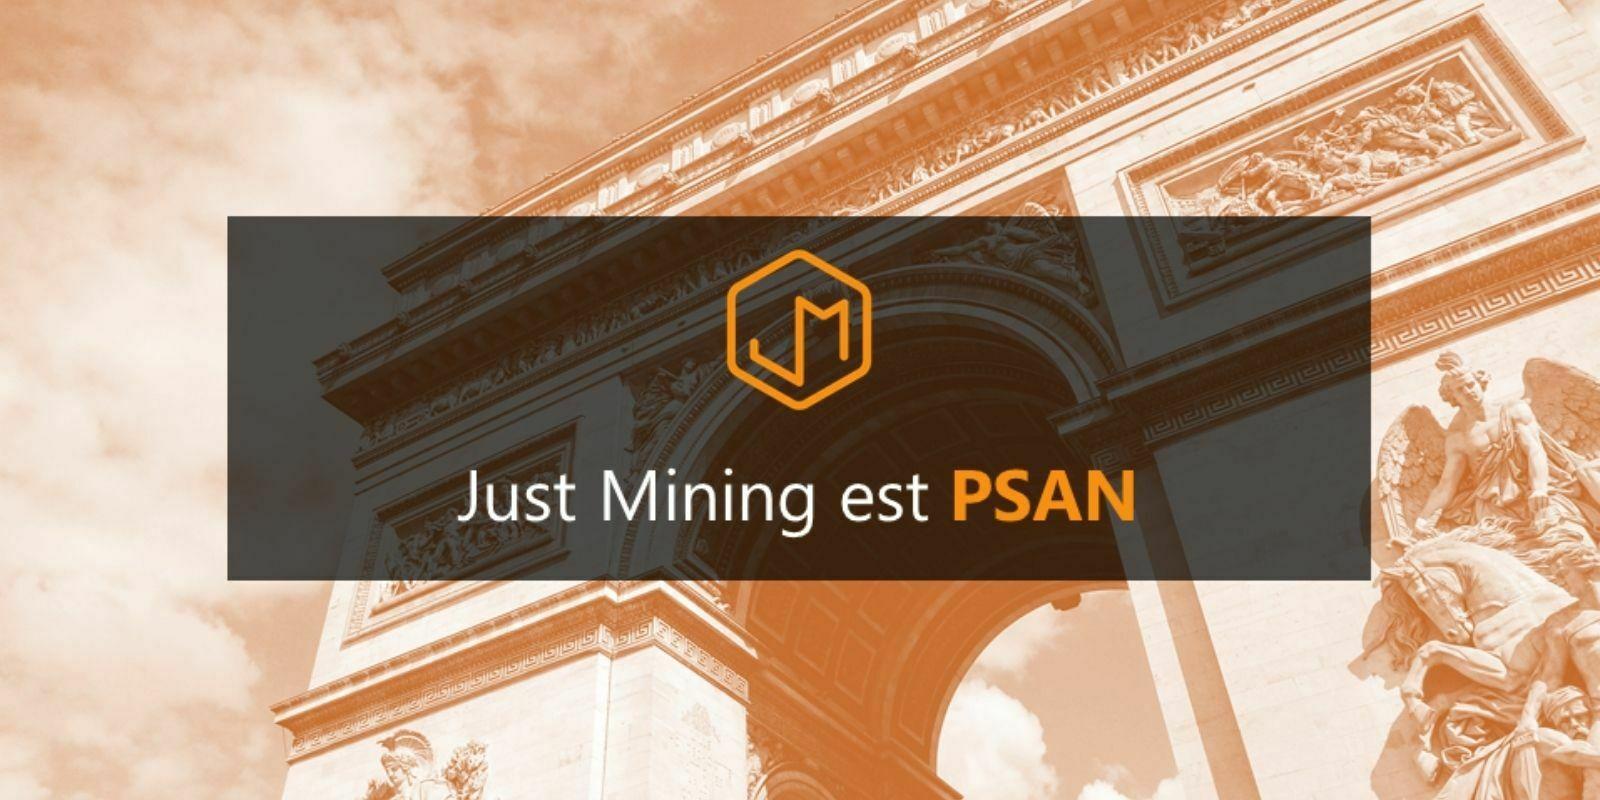 La plateforme Just Mining obtient l'enregistrement PSAN auprès de l'AMF